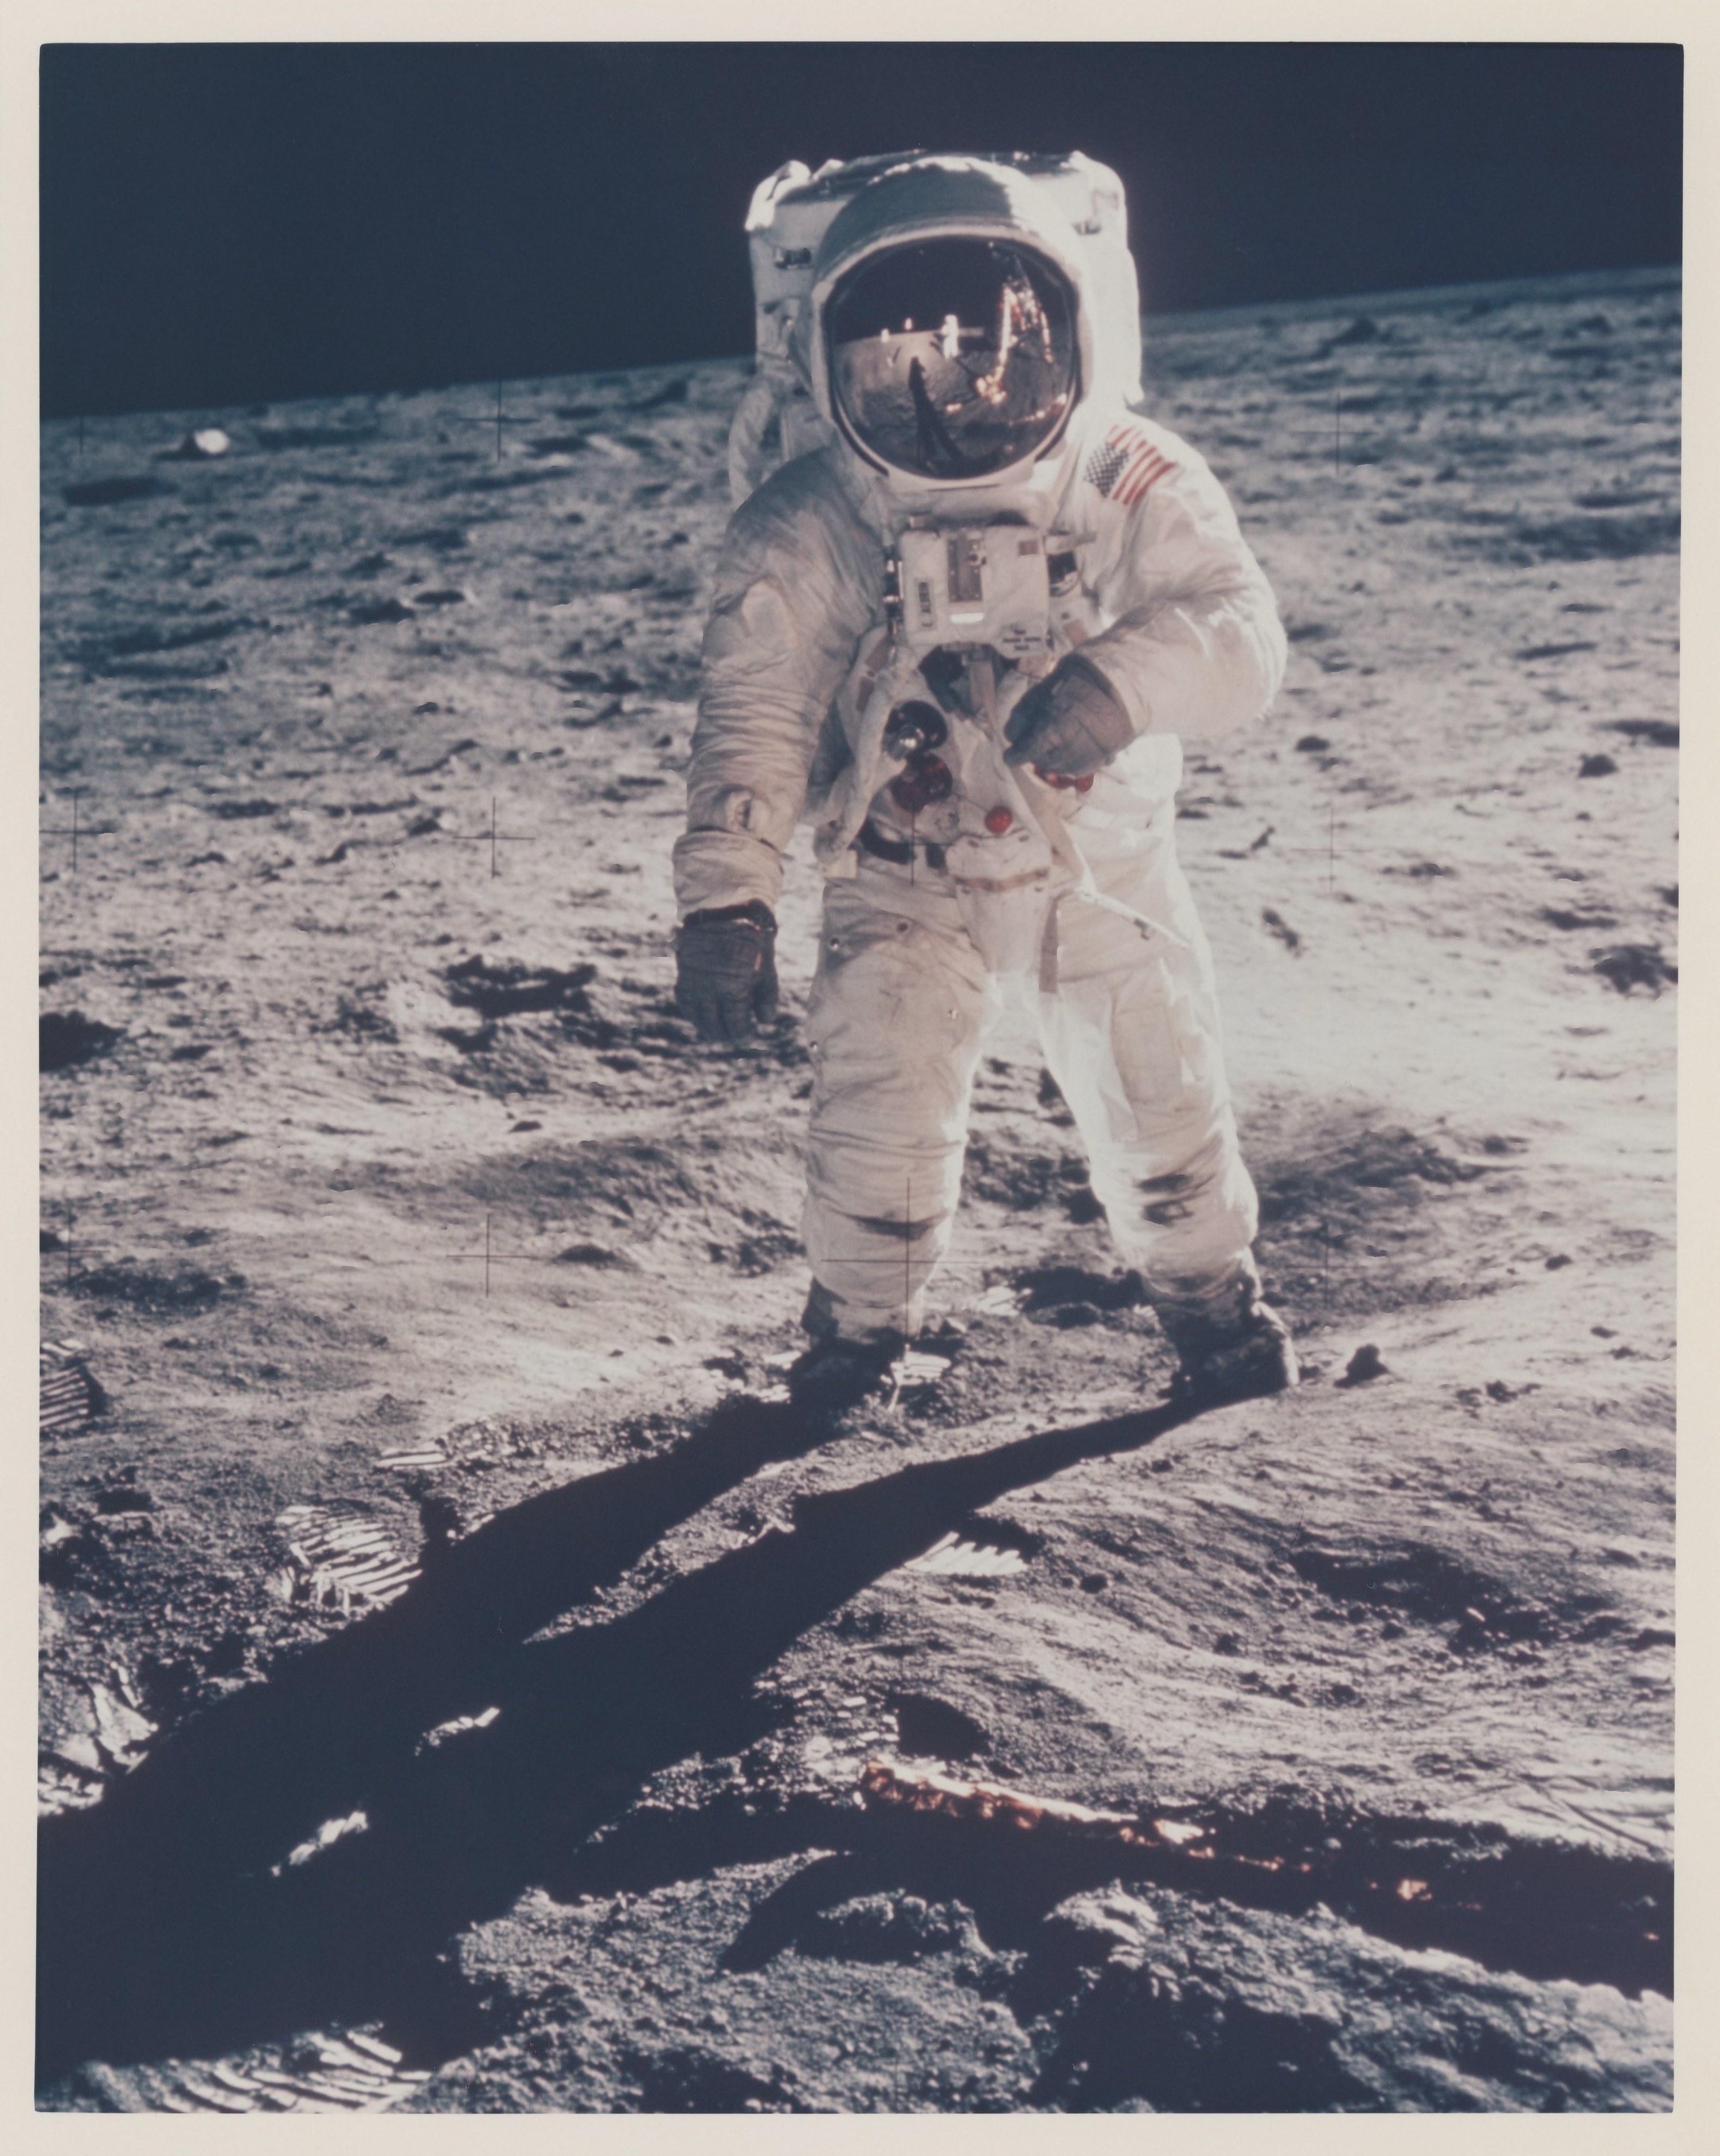 An astronaut on the moon.